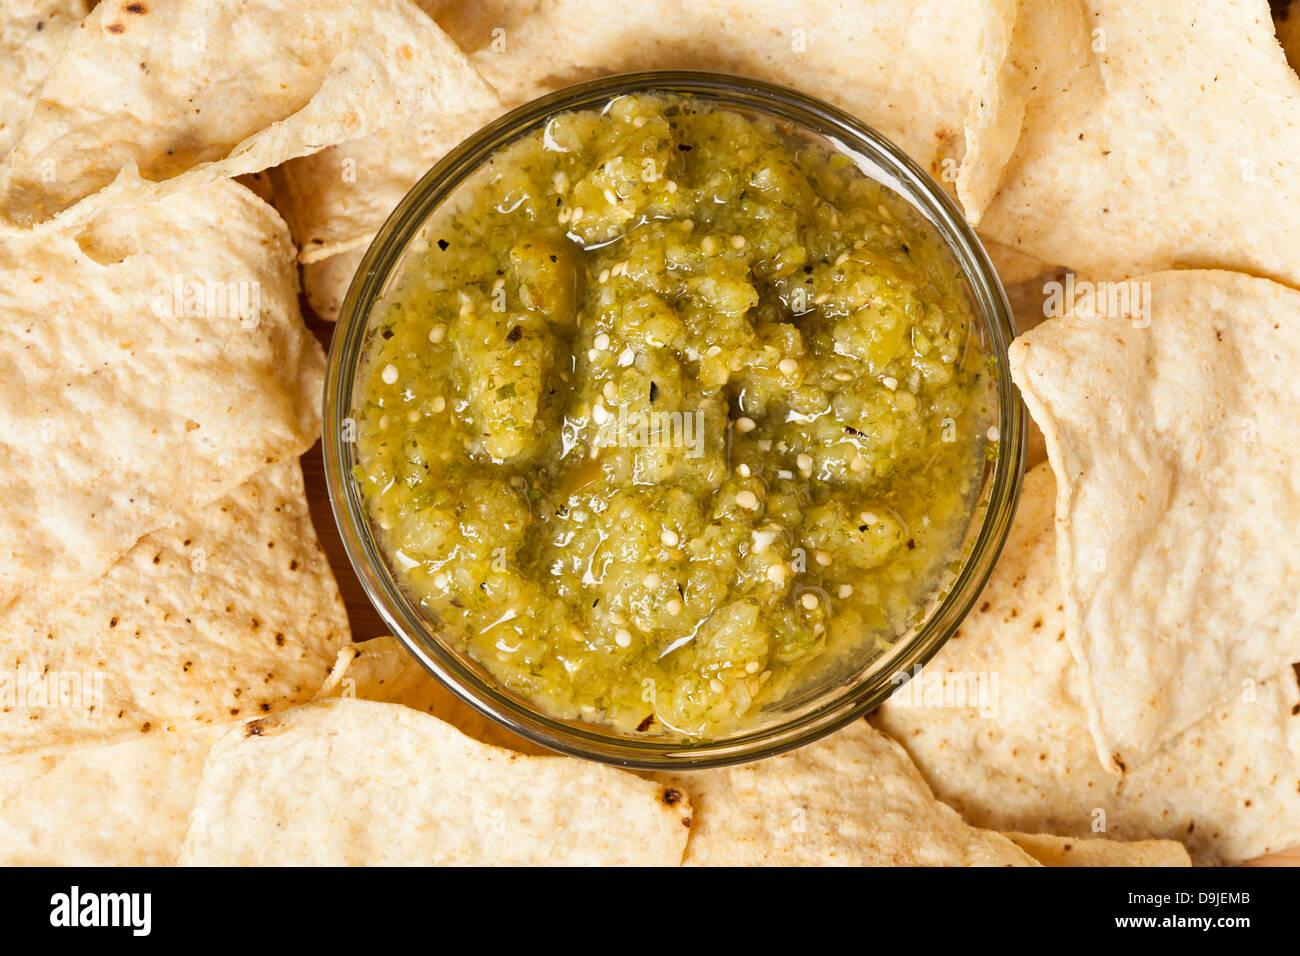 Casera dulce Salsa Verde con tortilla chips Imagen De Stock